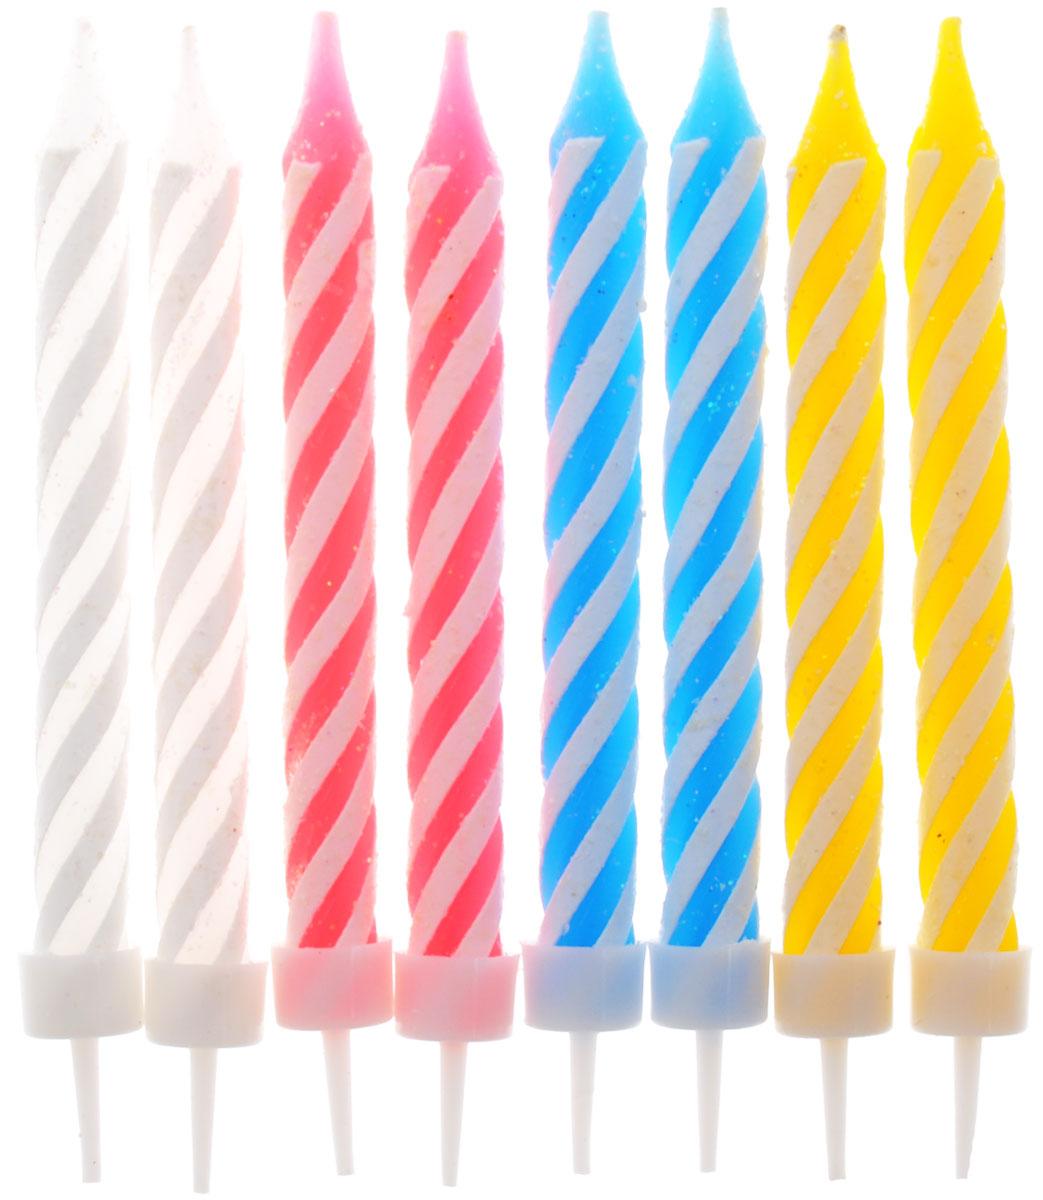 Action! Свечи для торта 8 шт  товары для праздника поиск свечи для торта с держателями мини 24 шт